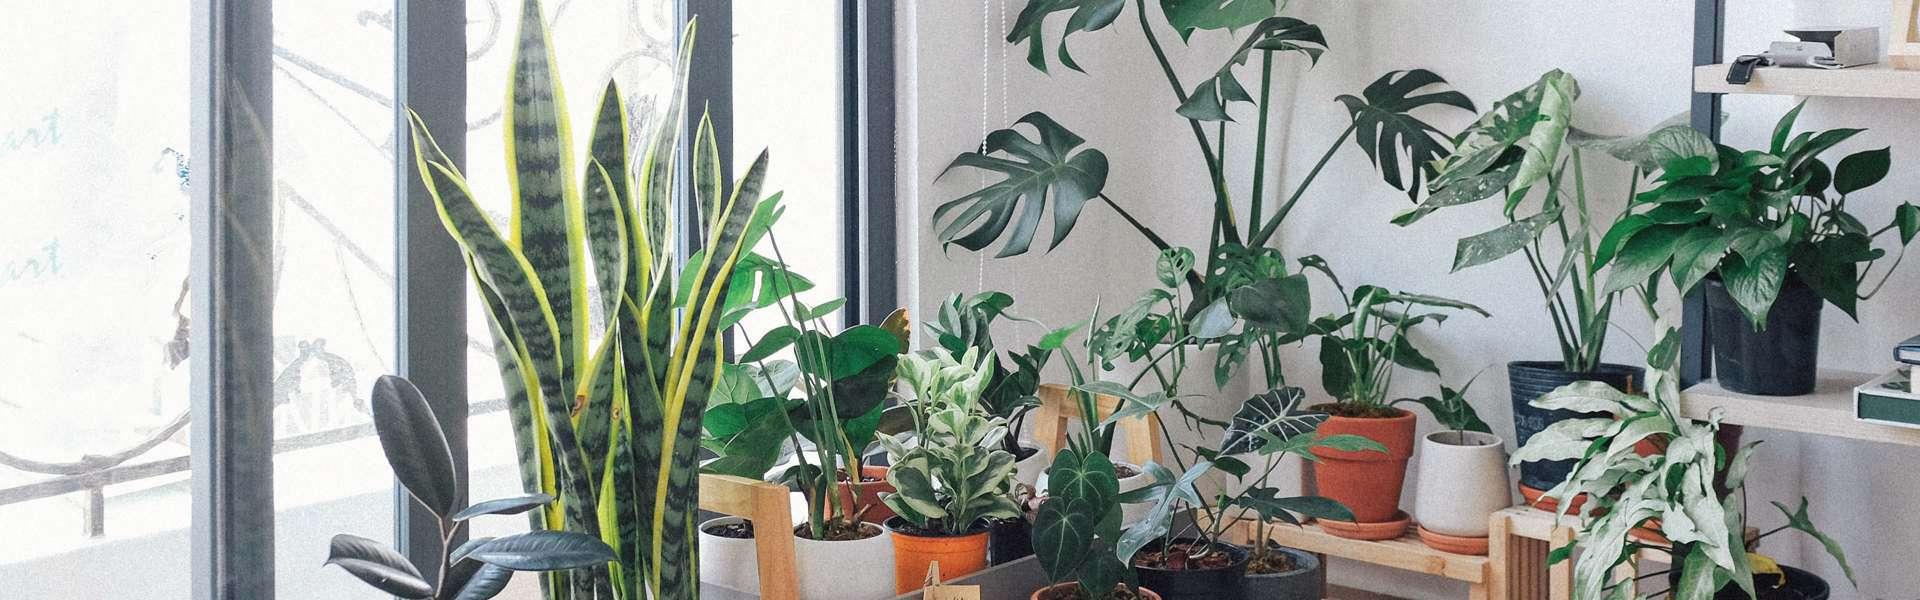 Kamerplanten die je moet hebben in 2020